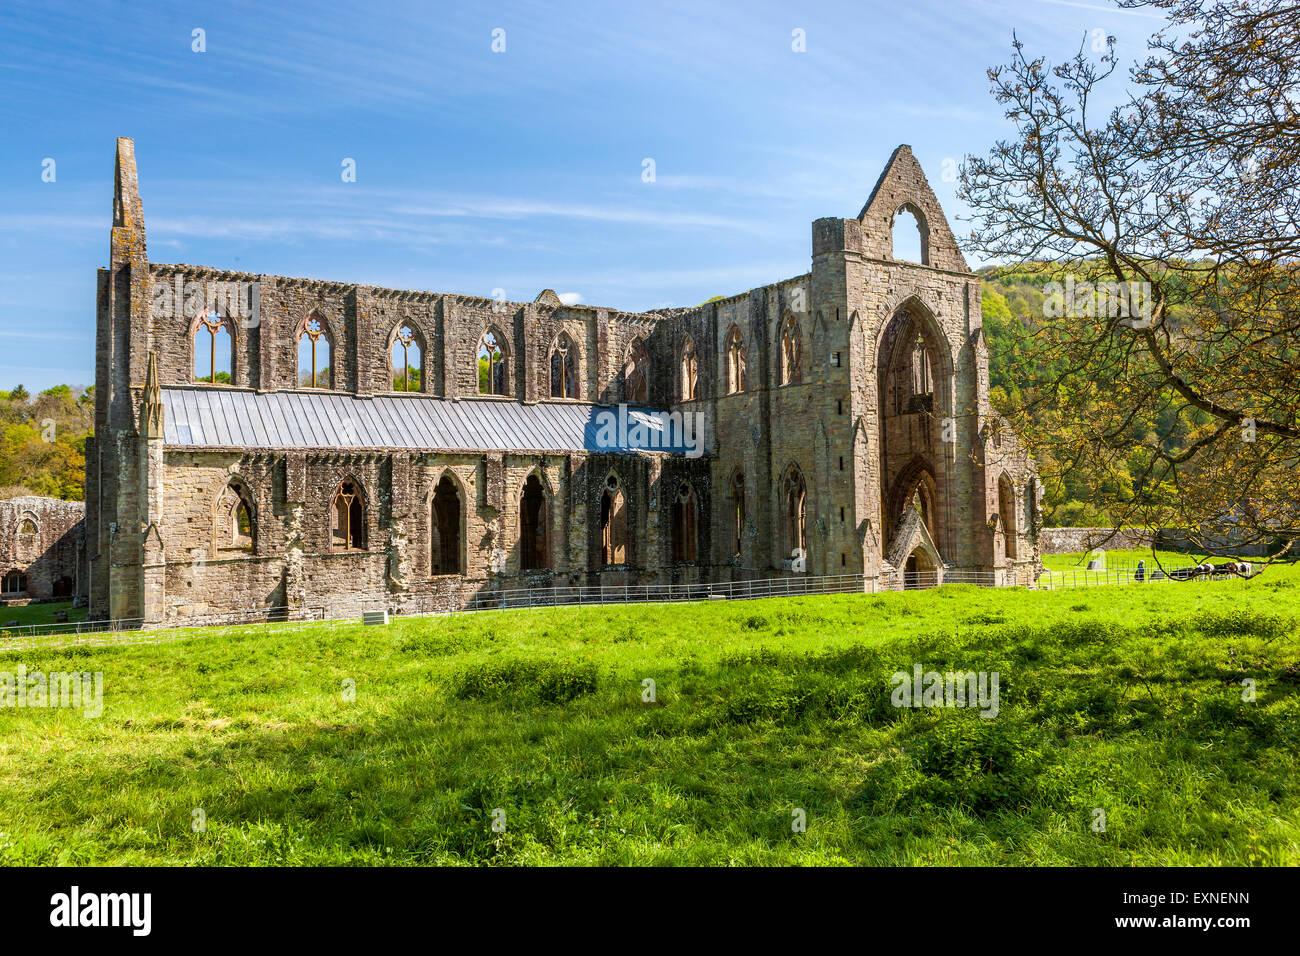 Die Ruinen von Tintern Abbey eine mittelalterliche Zisterzienserkloster, Monmouthshire, Wales, Vereinigtes Königreich, Stockbild